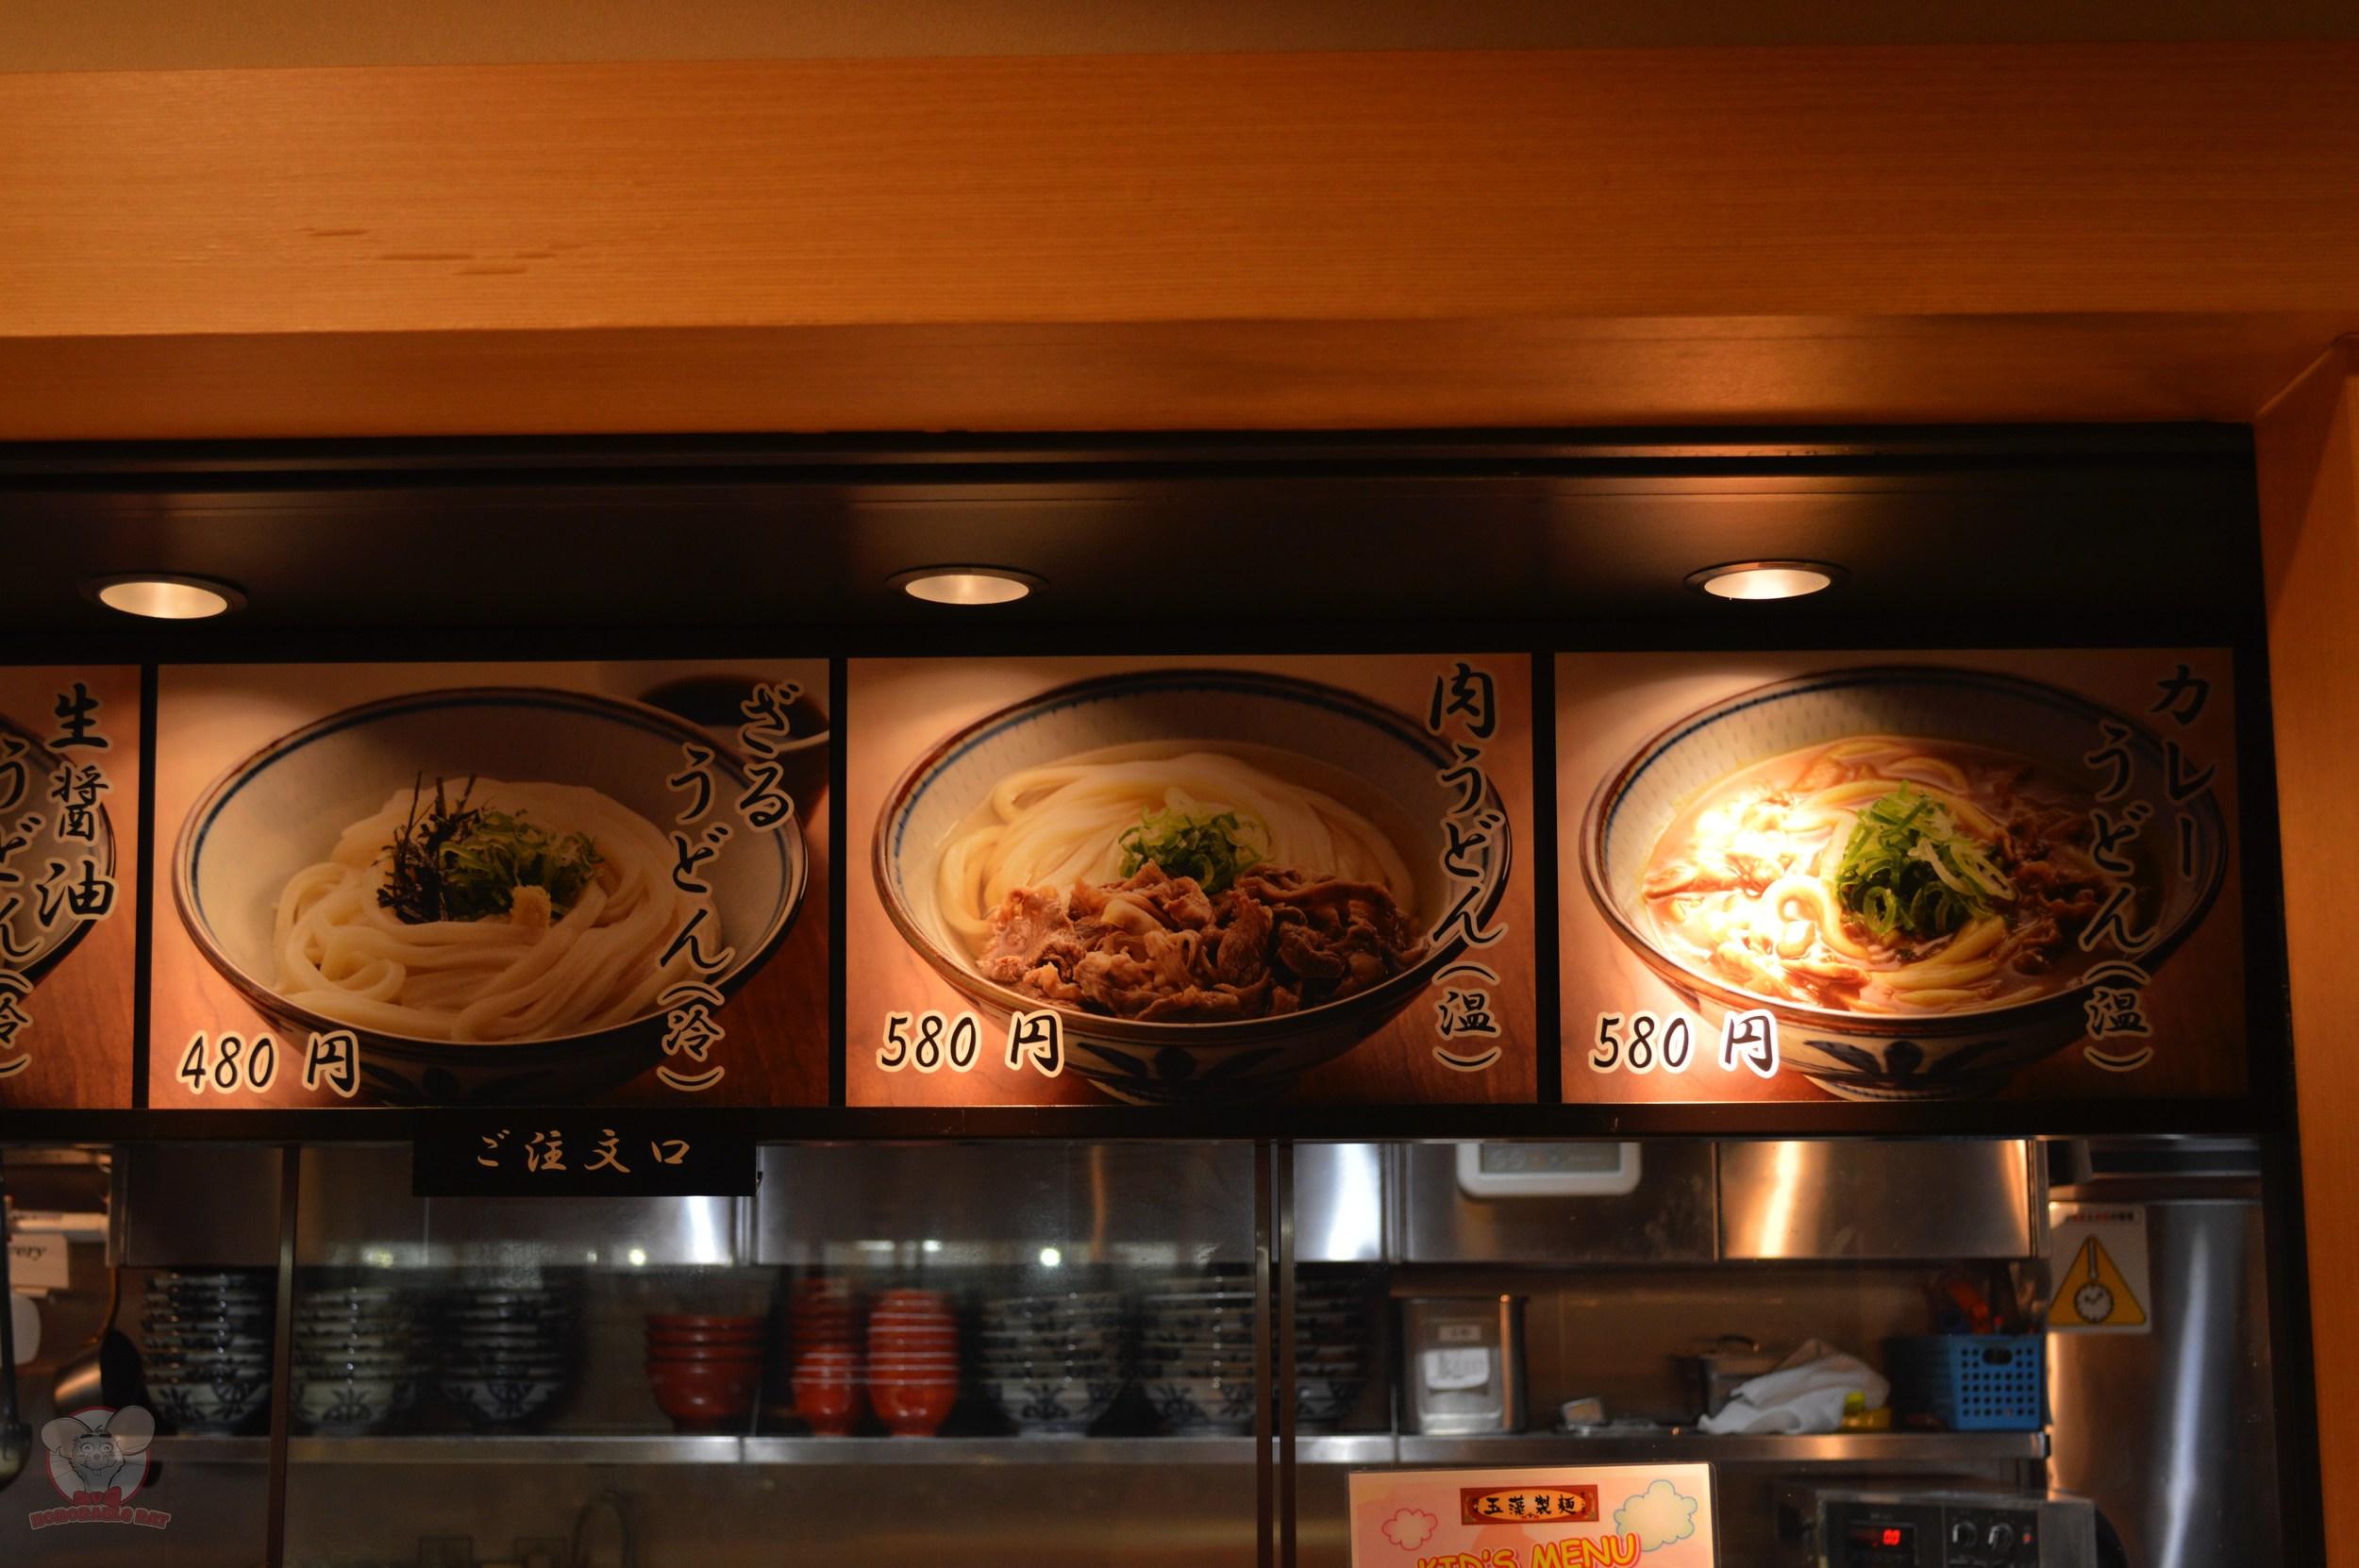 Udon's menu: A